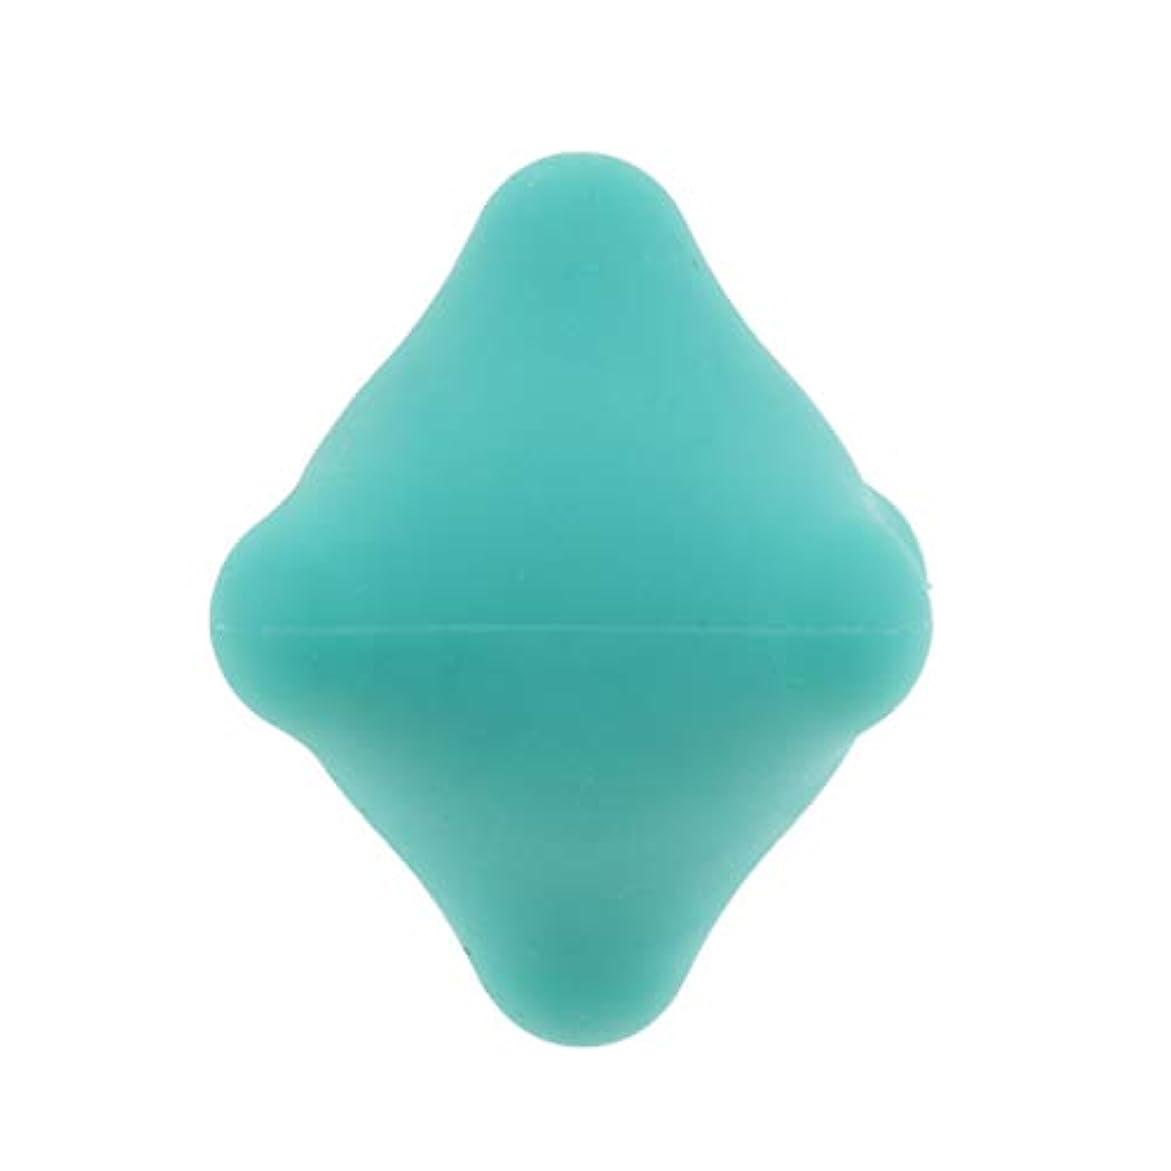 免疫する灰パキスタン人全9色 マッサージボール 指圧ボール 六角 筋膜リリース トリガーポイント 背中 足裏 ストレス解消 - 濃い緑色, 4.4cm